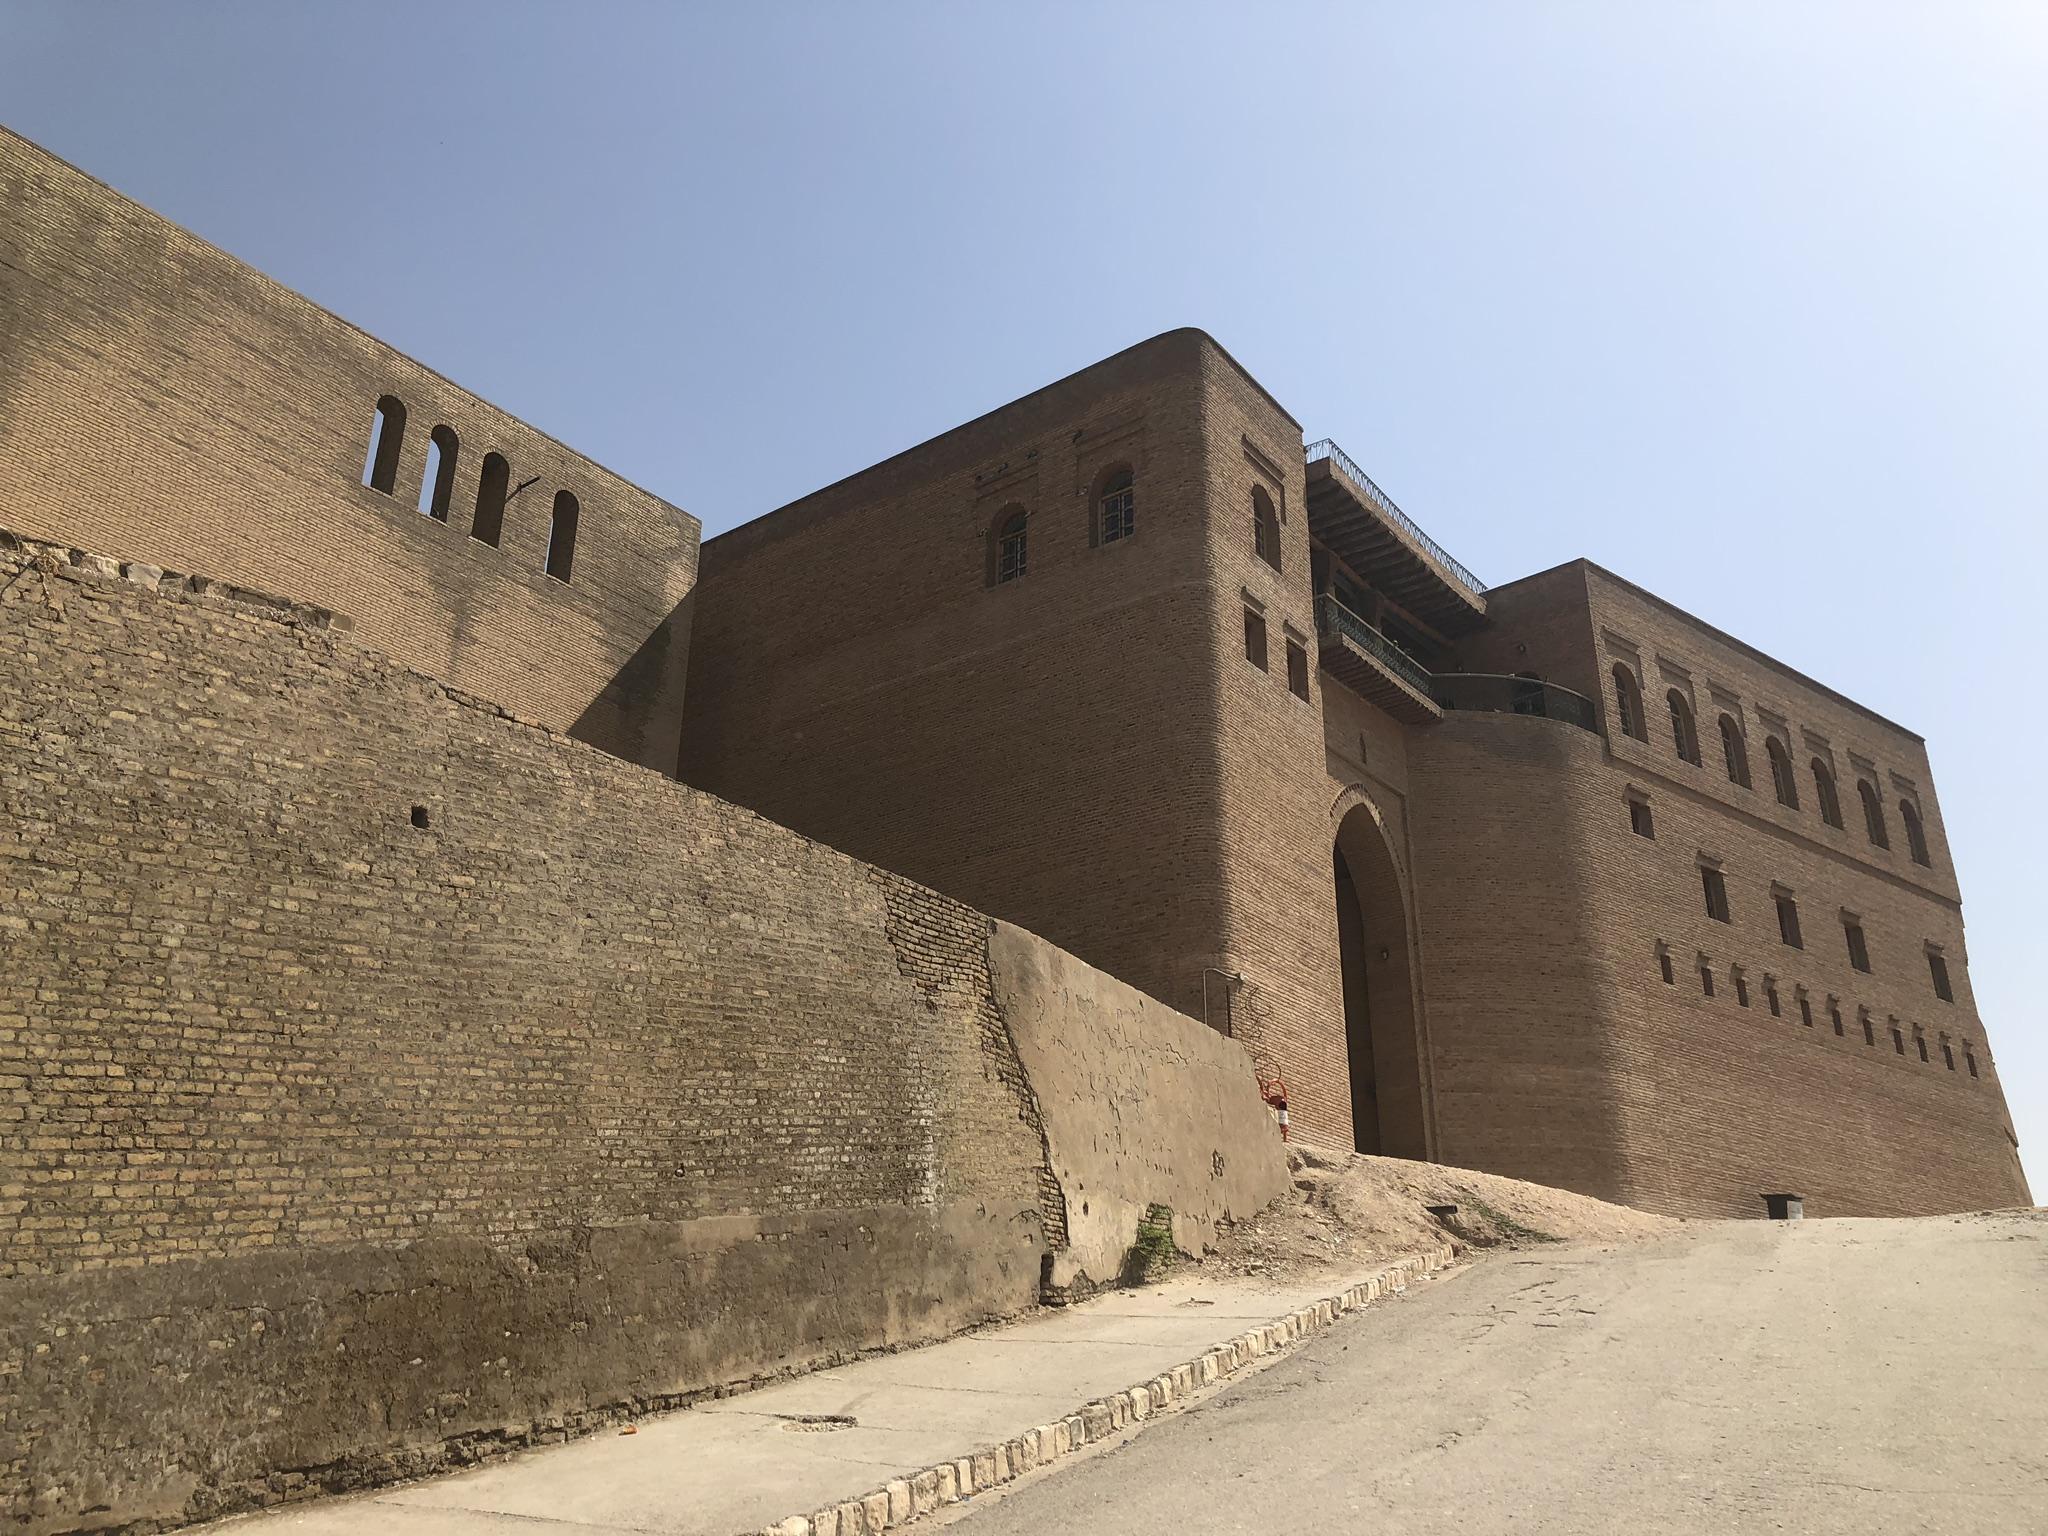 The Citadel Erbil